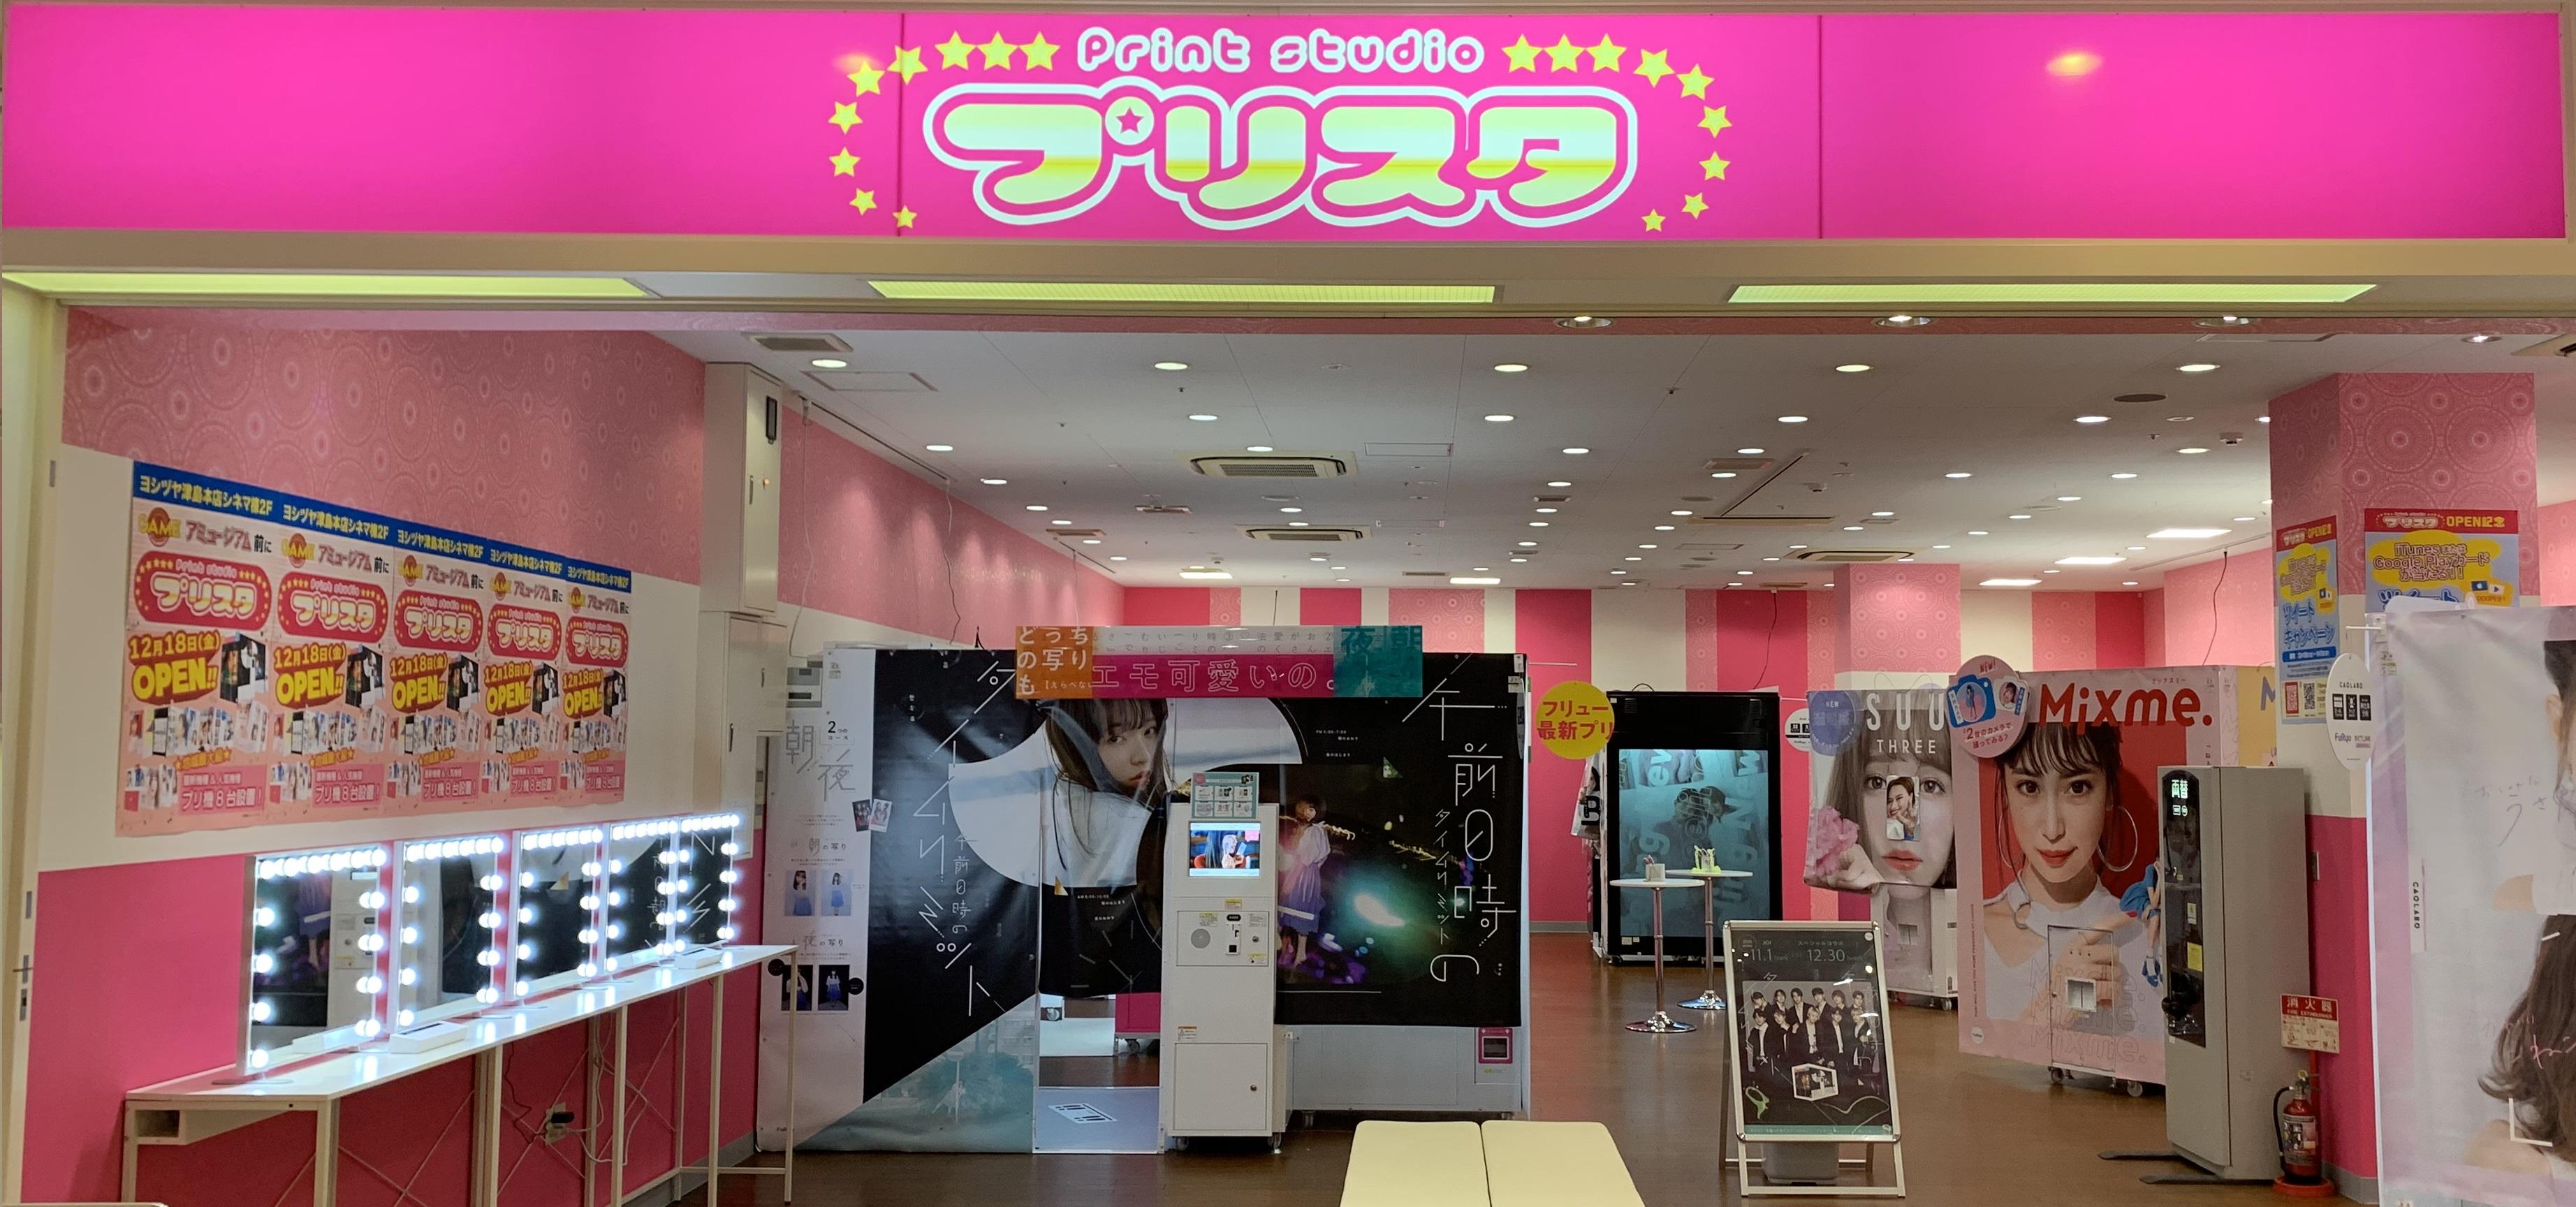 プリスタ津島店|中部エリア|アミュージアム【公式】ゲームセンター